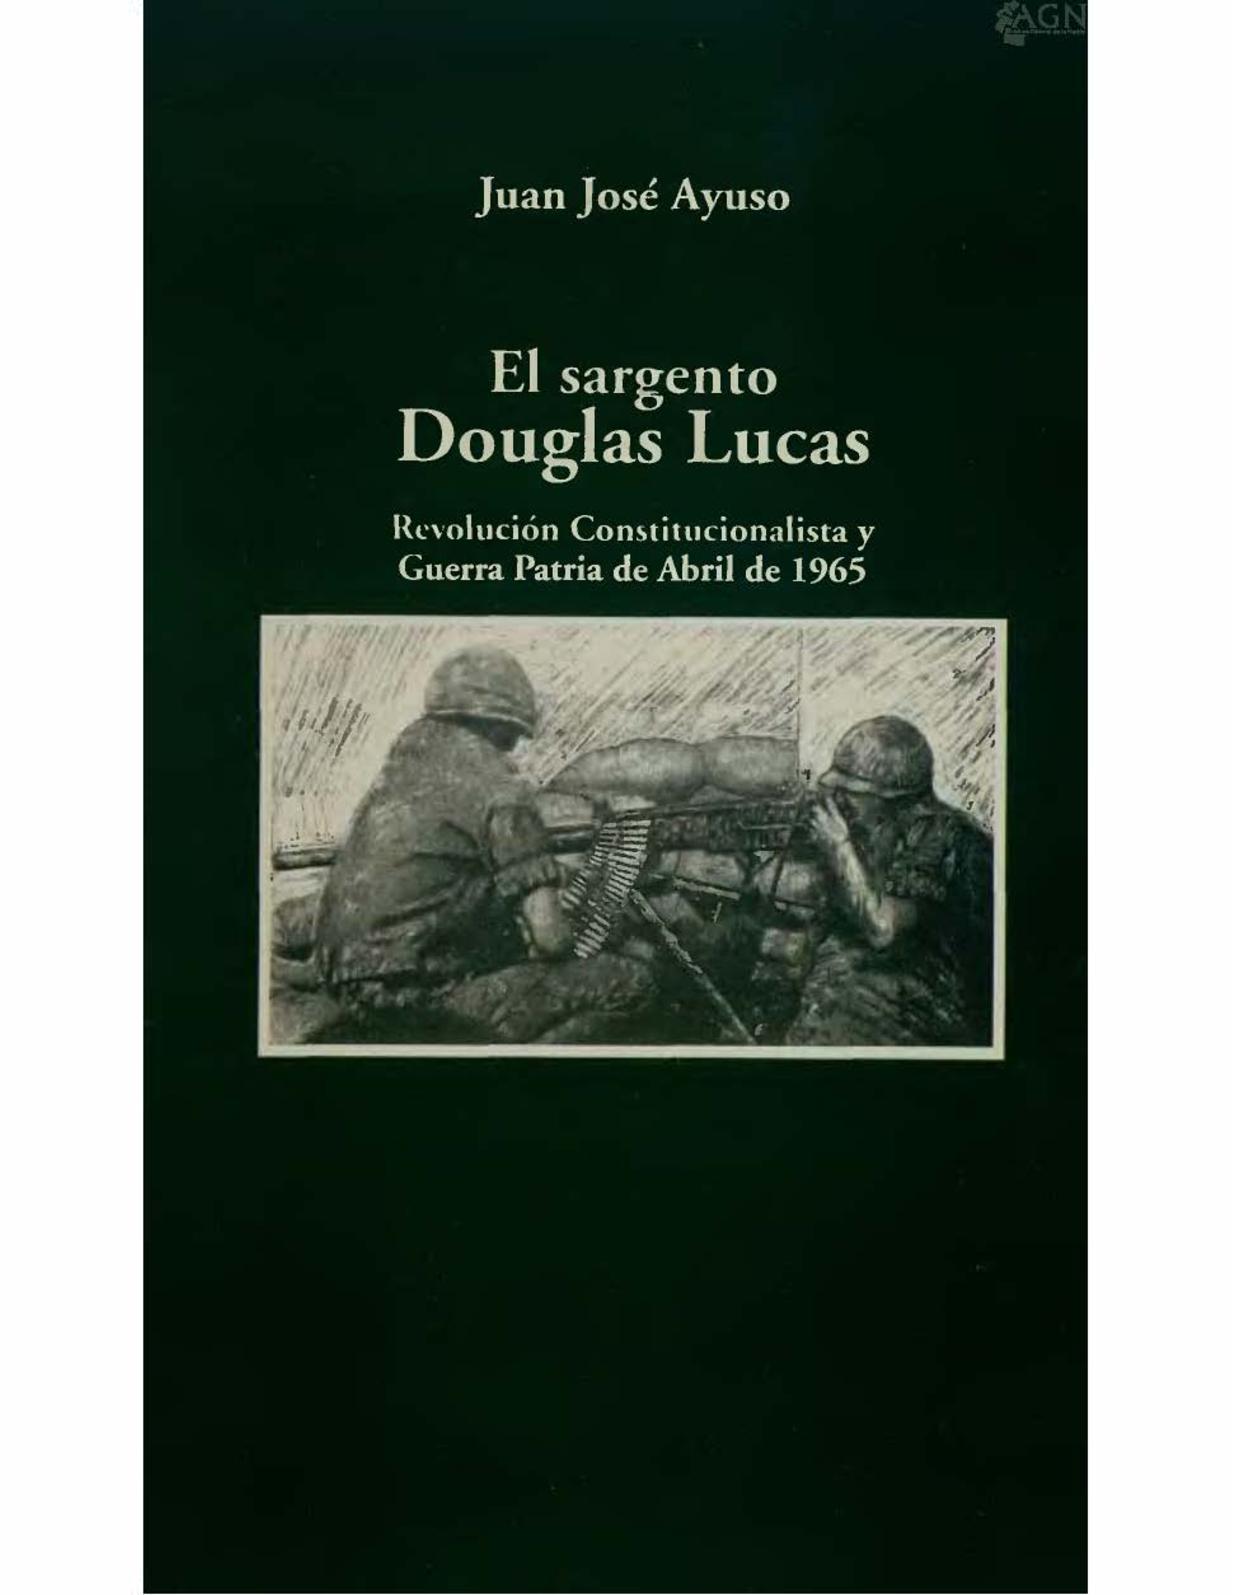 El Sargento Douglas Lucas -Revolución Constitucionalista y Guerra Patria De Abril De 1965.